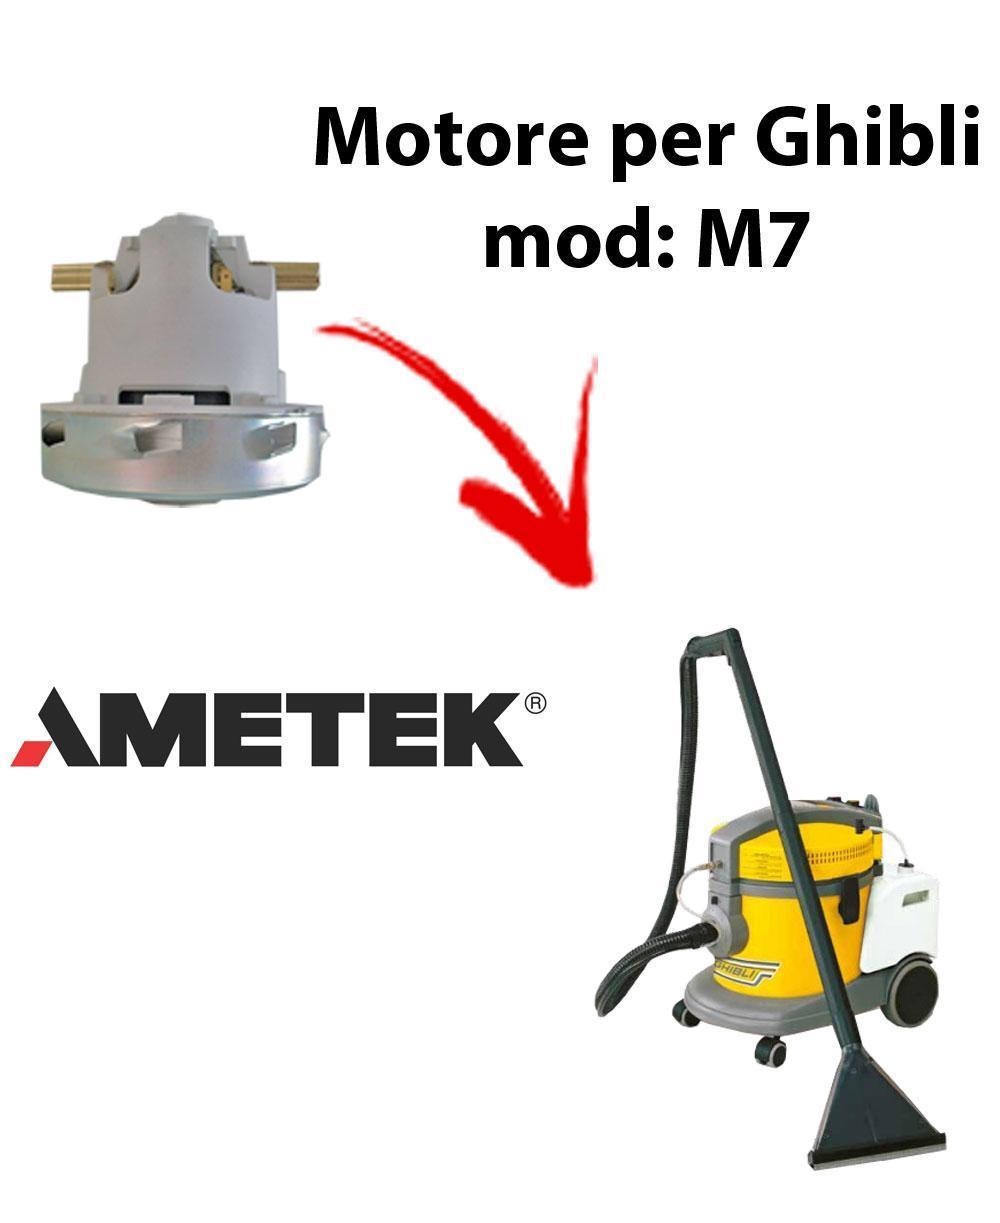 M7  Motore de aspiración AMETEK para aspiradora GHIBLI